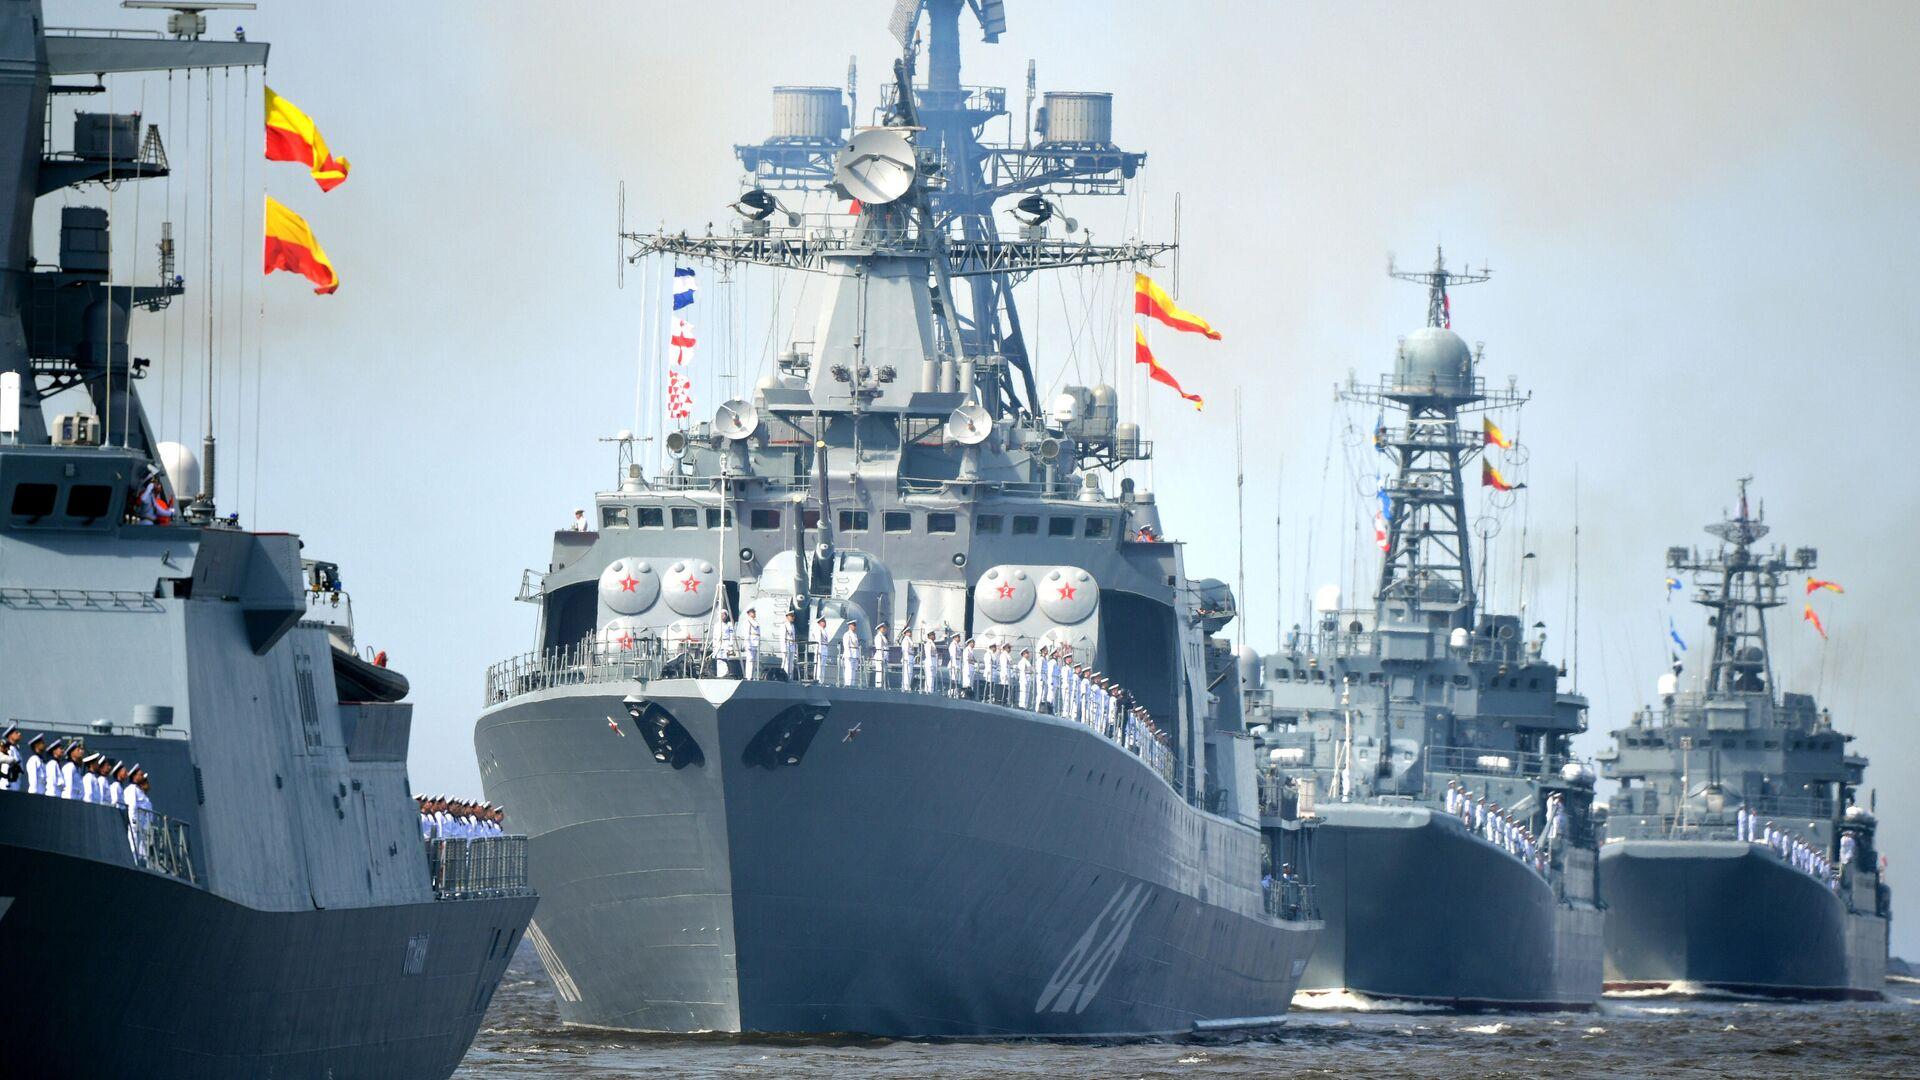 Корабли ВМФ России на репетиции парада в честь Дня военно-морского флота в Кронштадте - РИА Новости, 1920, 24.07.2021